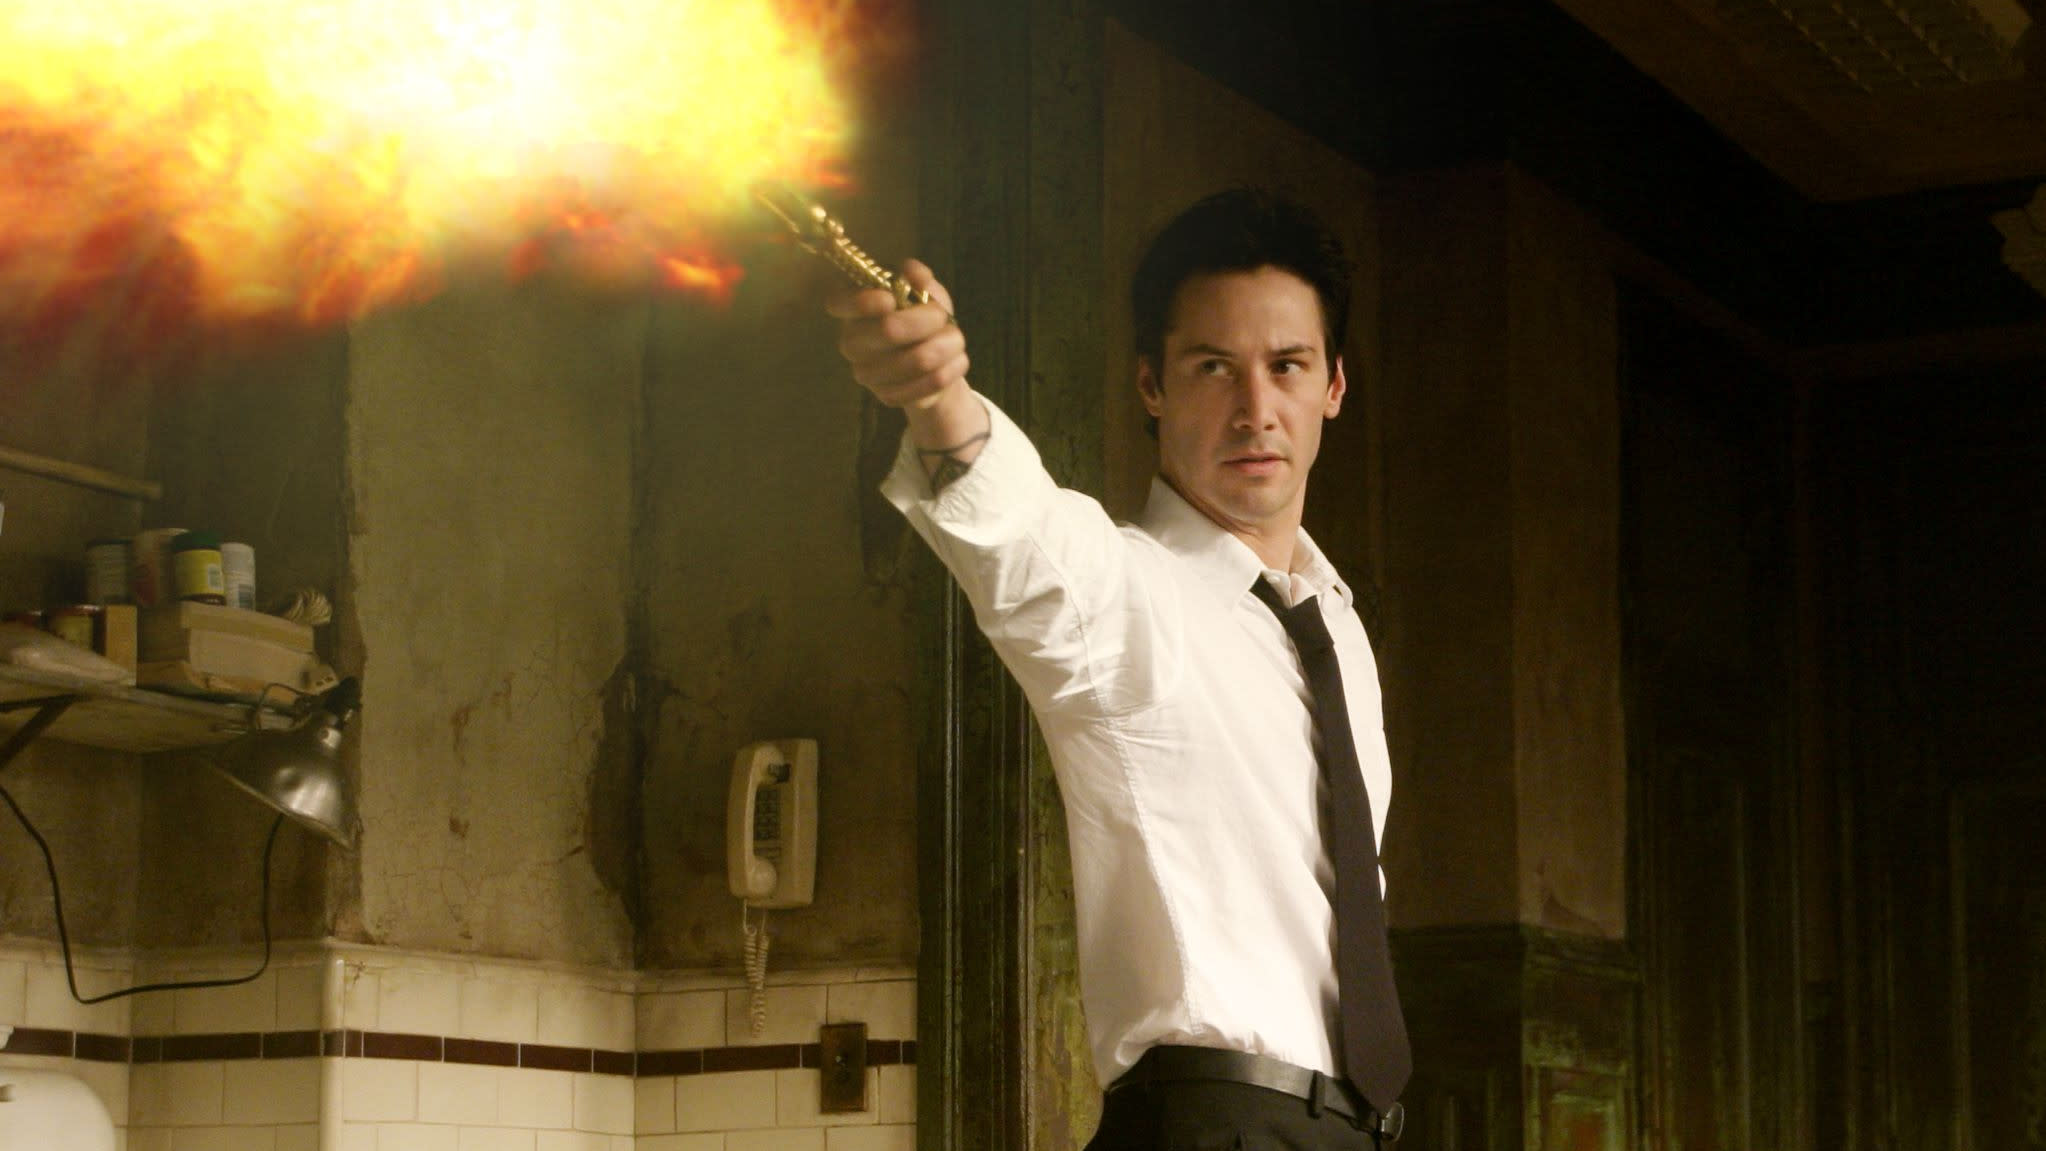 Keanu Reeves in the 2005 Constantine movie